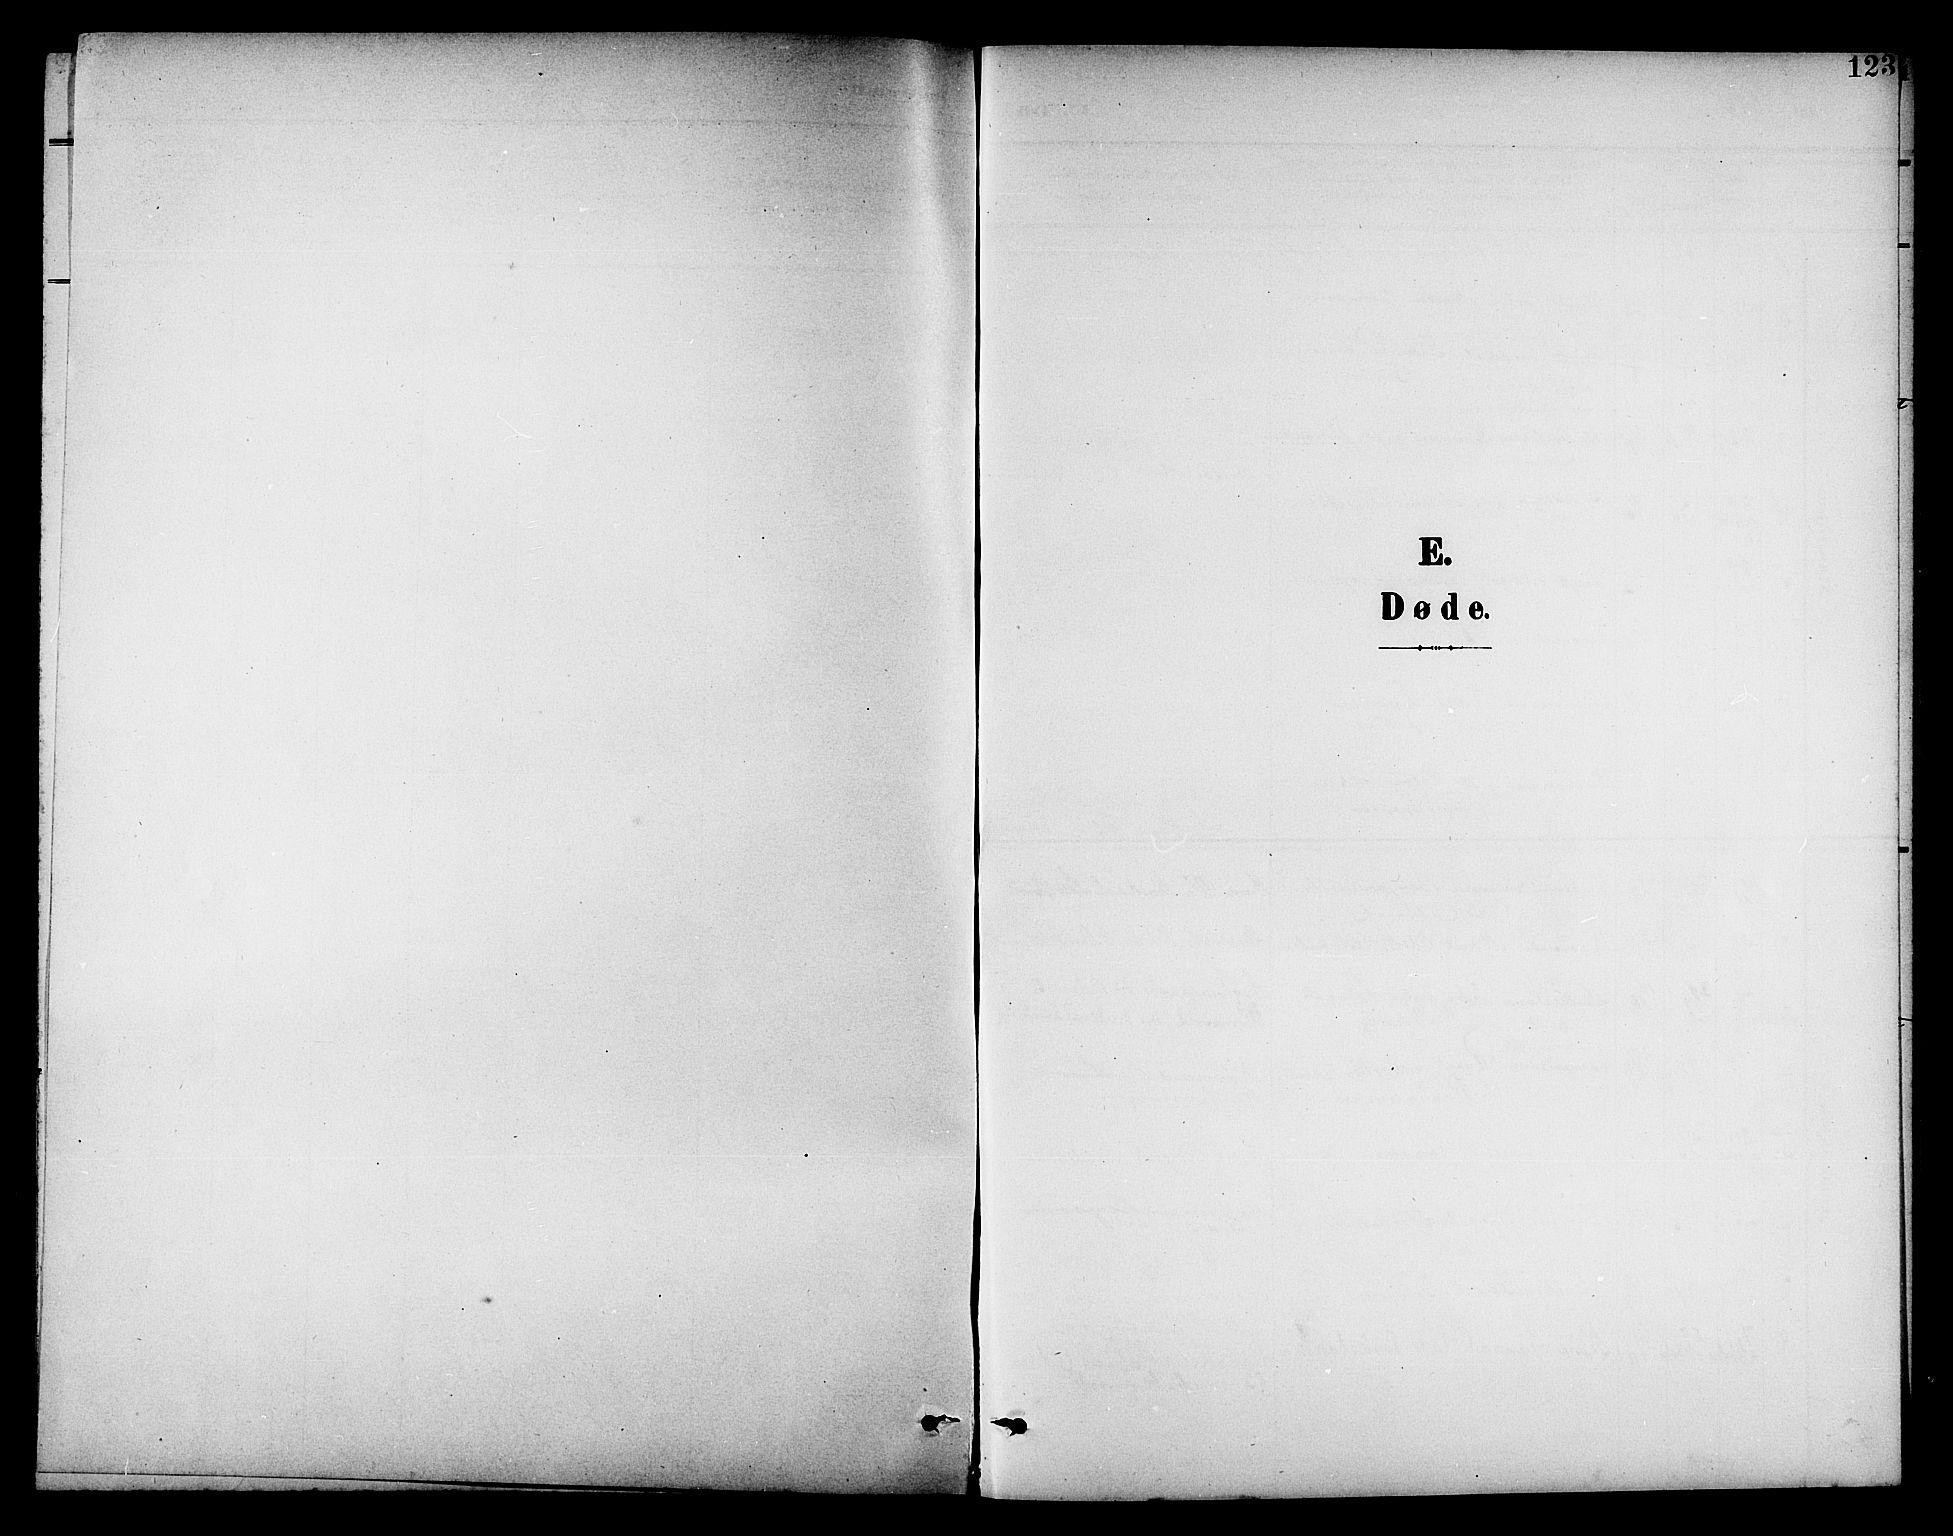 SAT, Ministerialprotokoller, klokkerbøker og fødselsregistre - Nord-Trøndelag, 742/L0412: Klokkerbok nr. 742C03, 1898-1910, s. 123